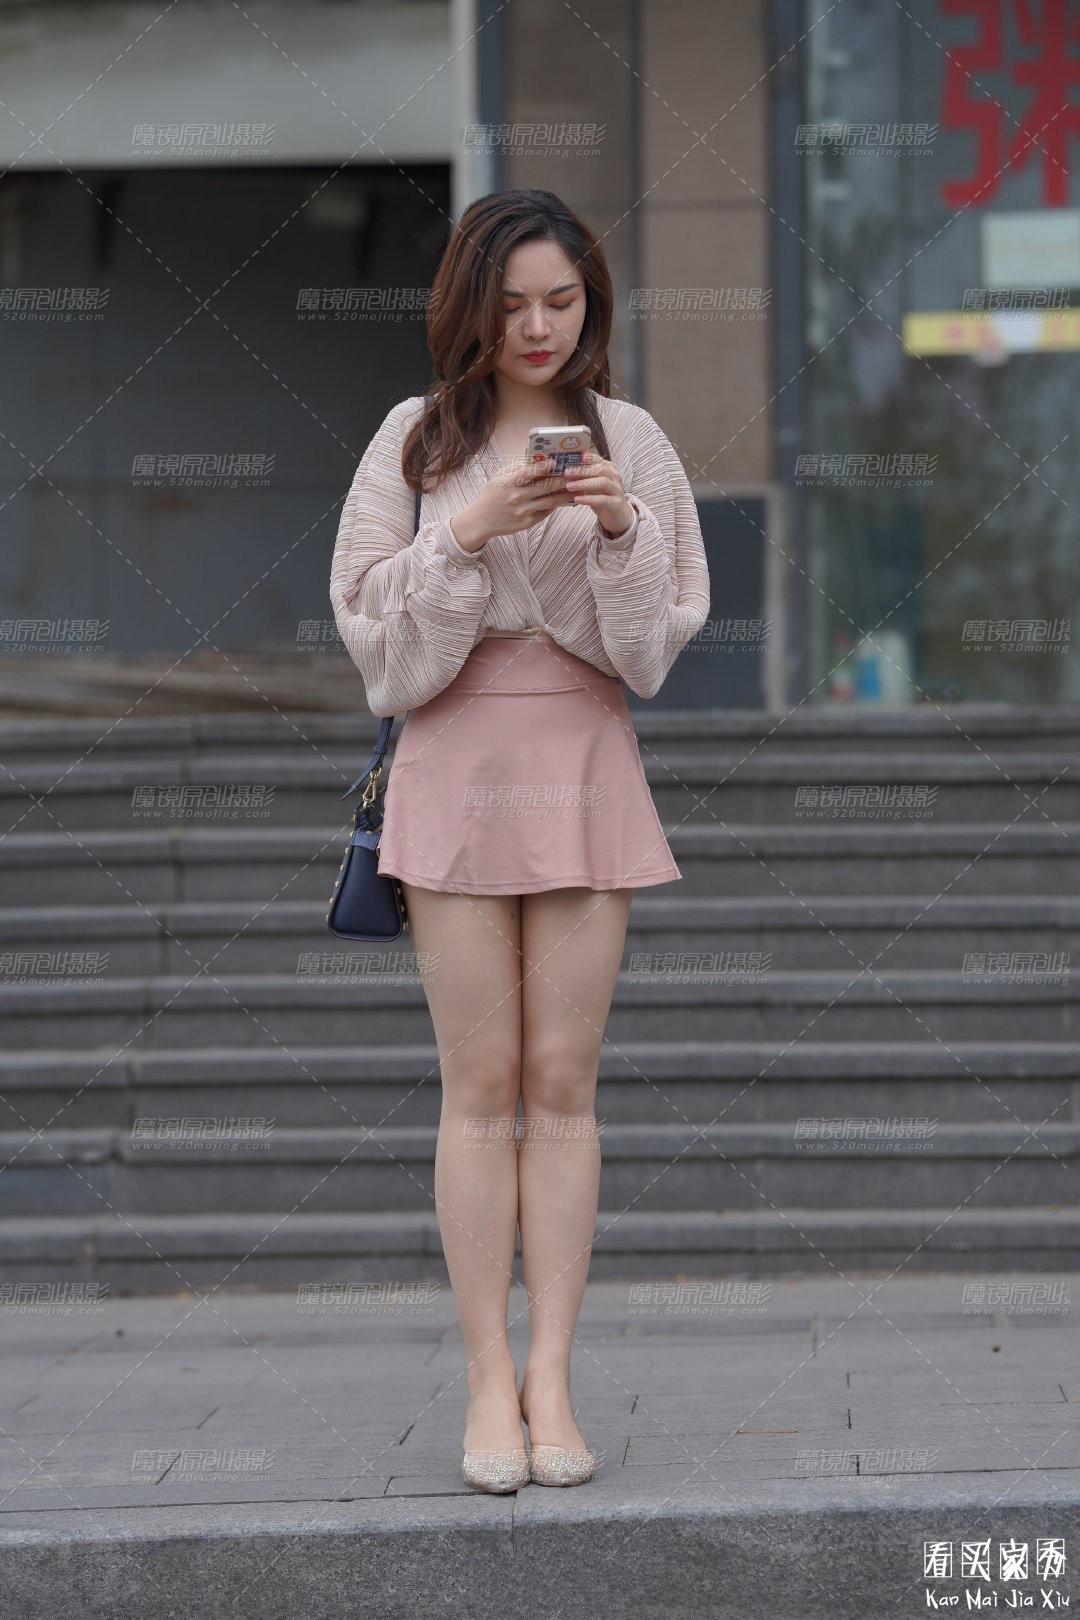 [街拍美女]街拍超短裙露臀美女6